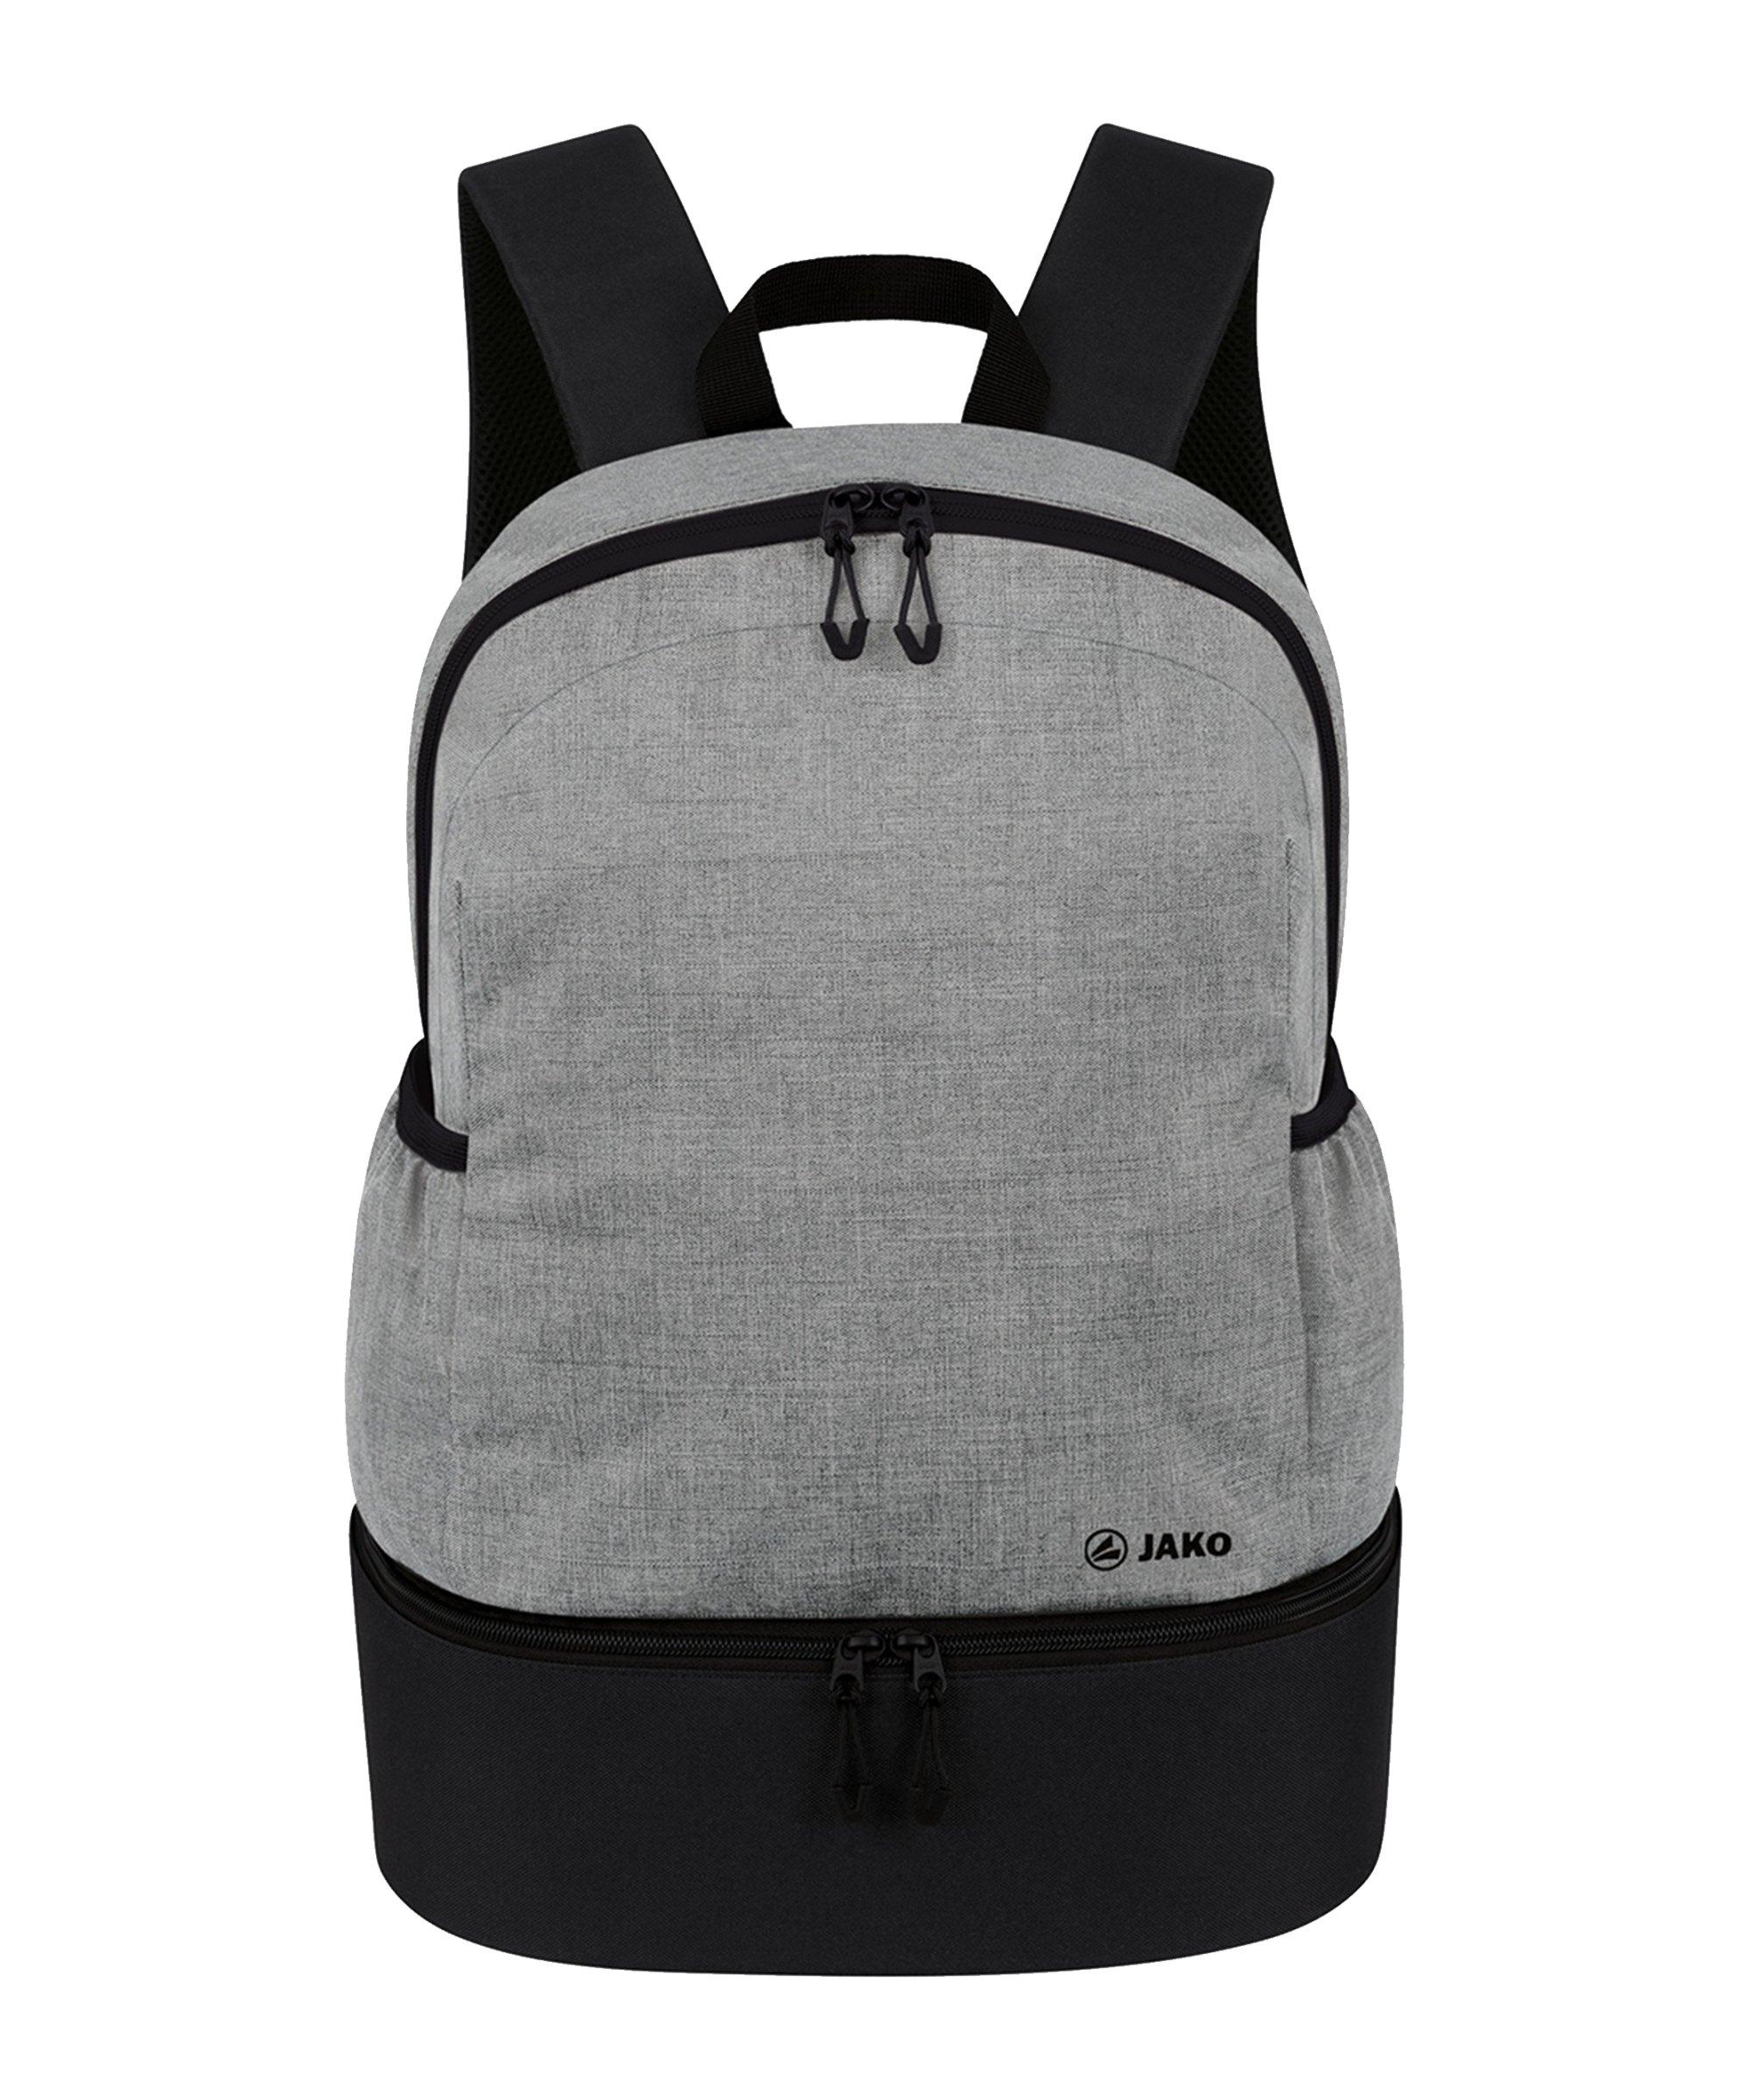 JAKO Challenge Rucksack mit Bodenfach Grau F520 - grau